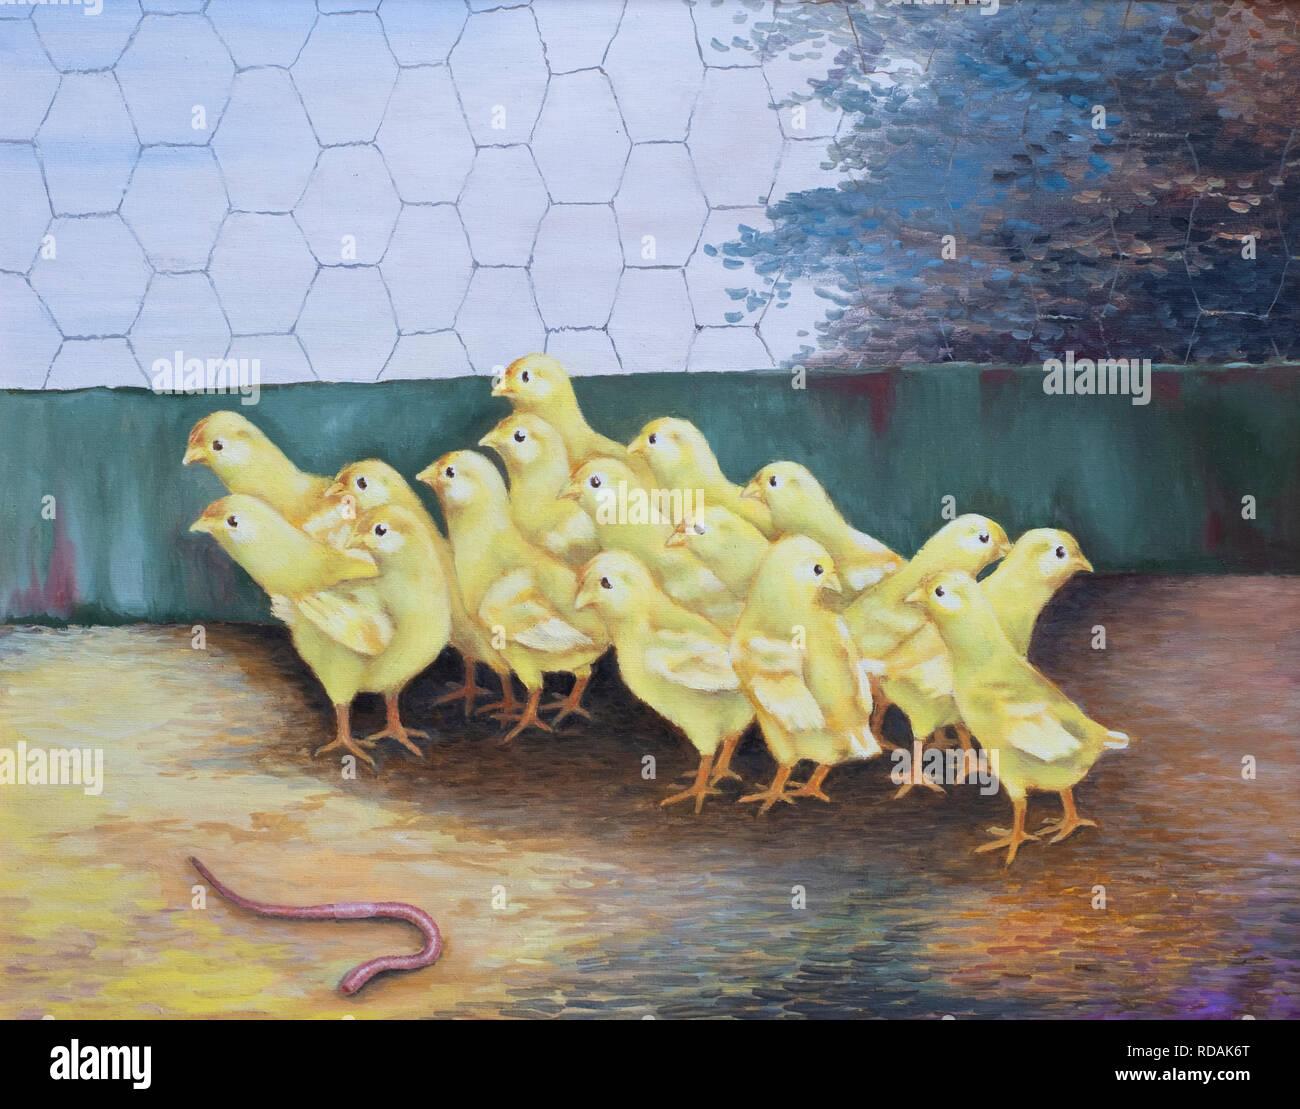 Peinture à l'huile peints à la main de petits poussins jaunes dans un poulailler qui ont peur d'un ver de terre. Photo Stock